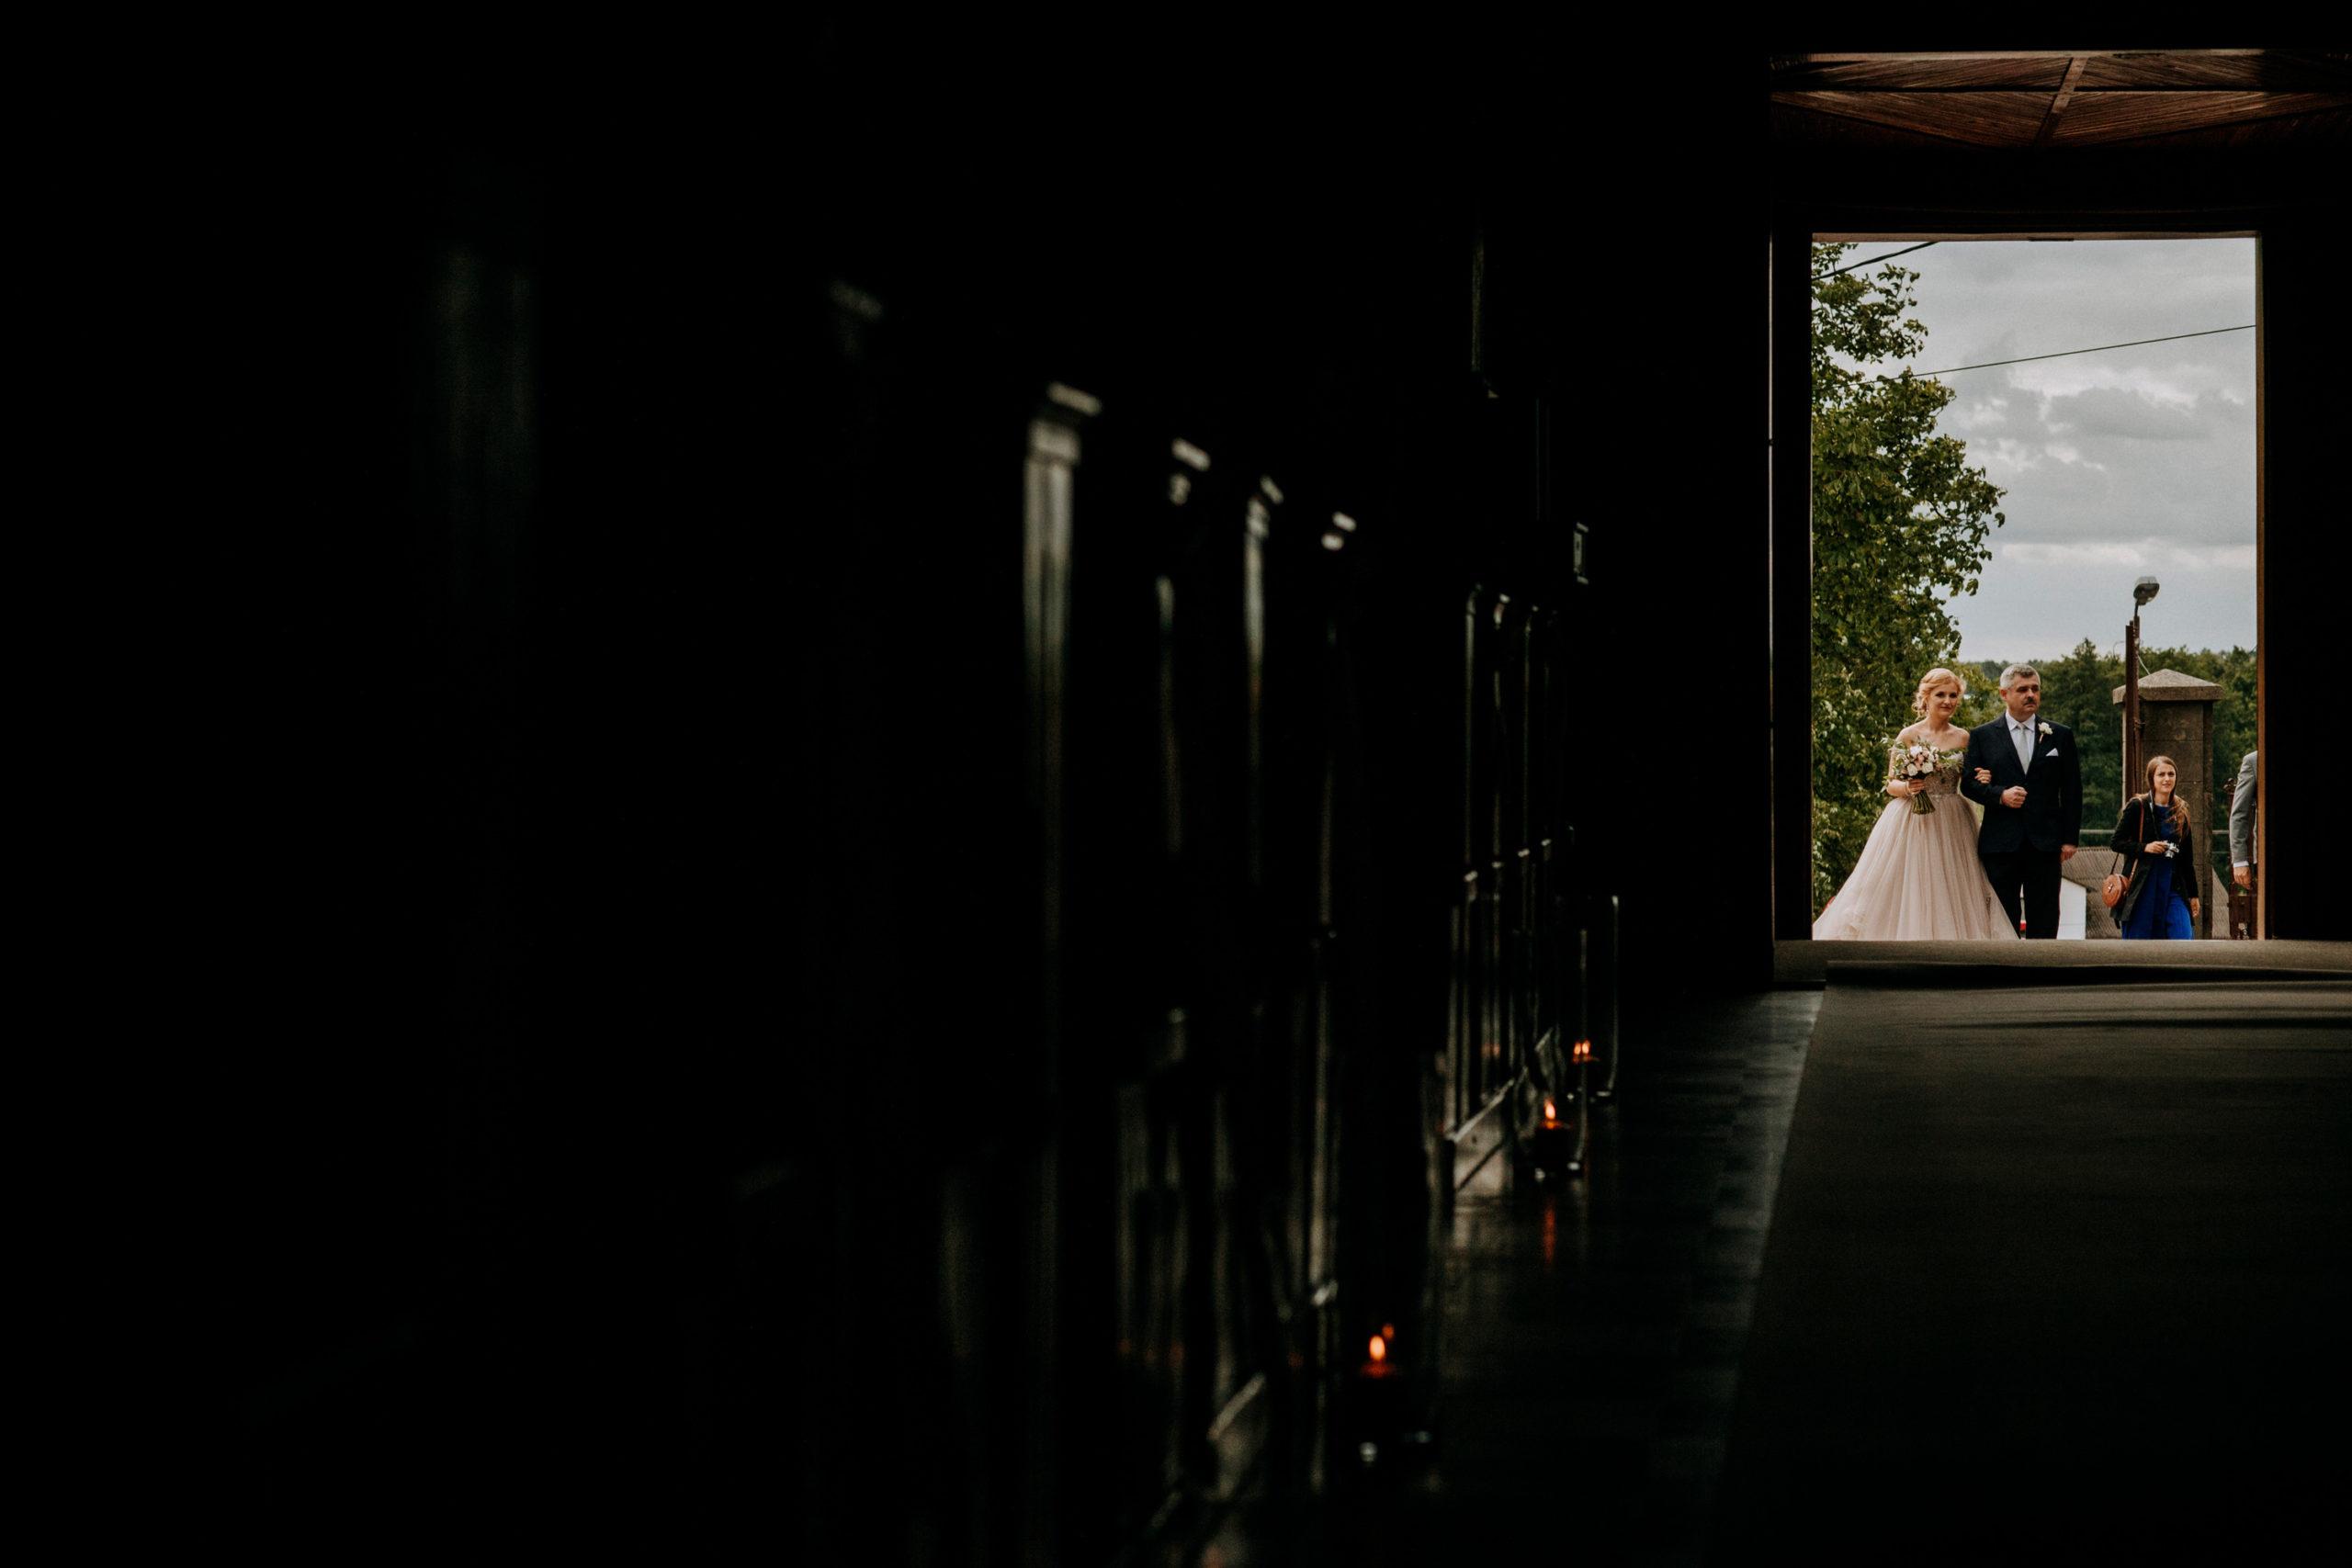 MT 159 palac chojnata ceremonia slub wola chojata scaled